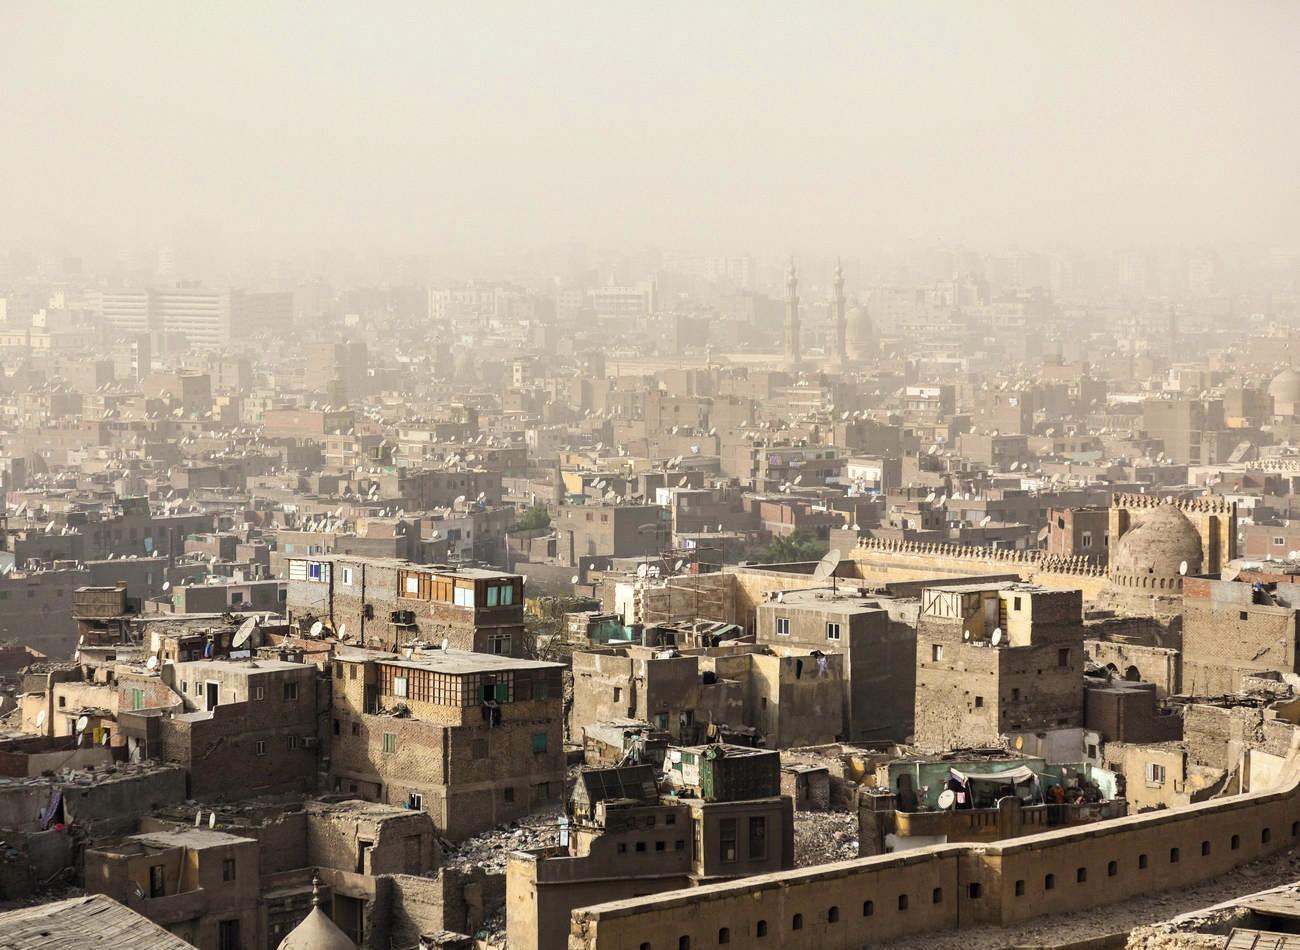 Le Caire, Égypte - Les toits de la ville, enfumés par le smog, abritent des populations pauvres.